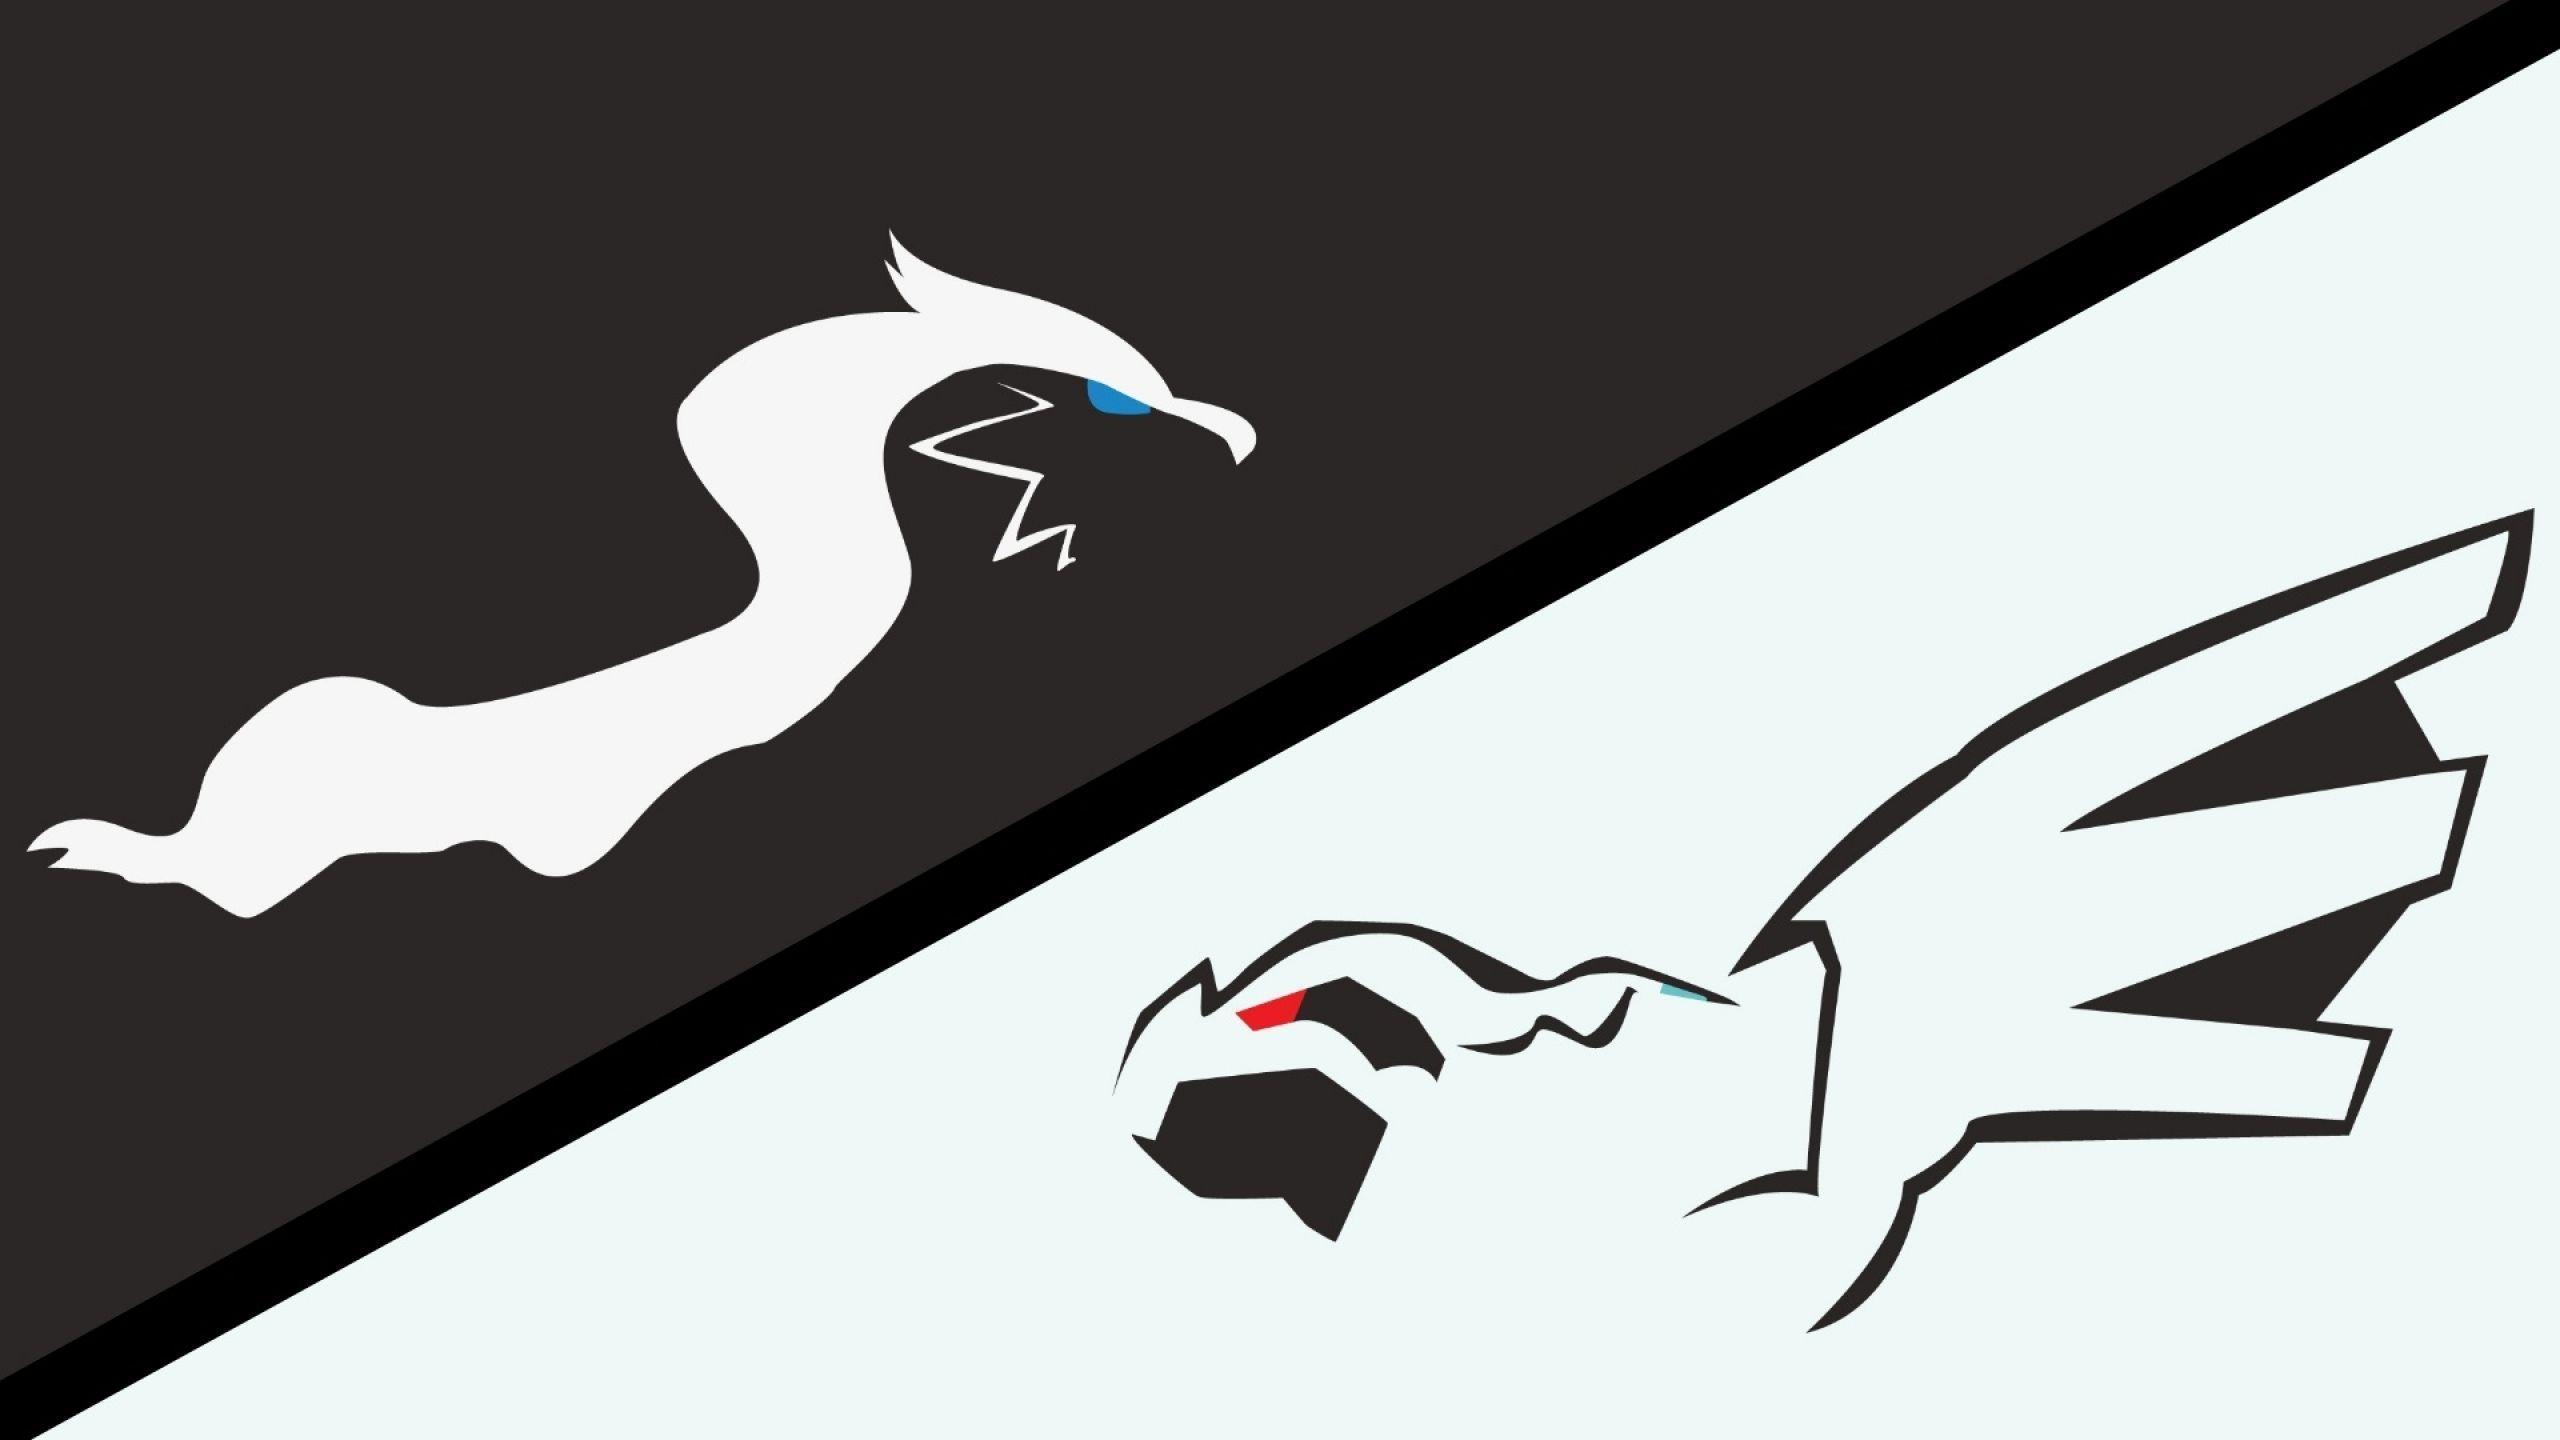 Download Wallpapers, Download 2560x1440 pokemon monochrome ...